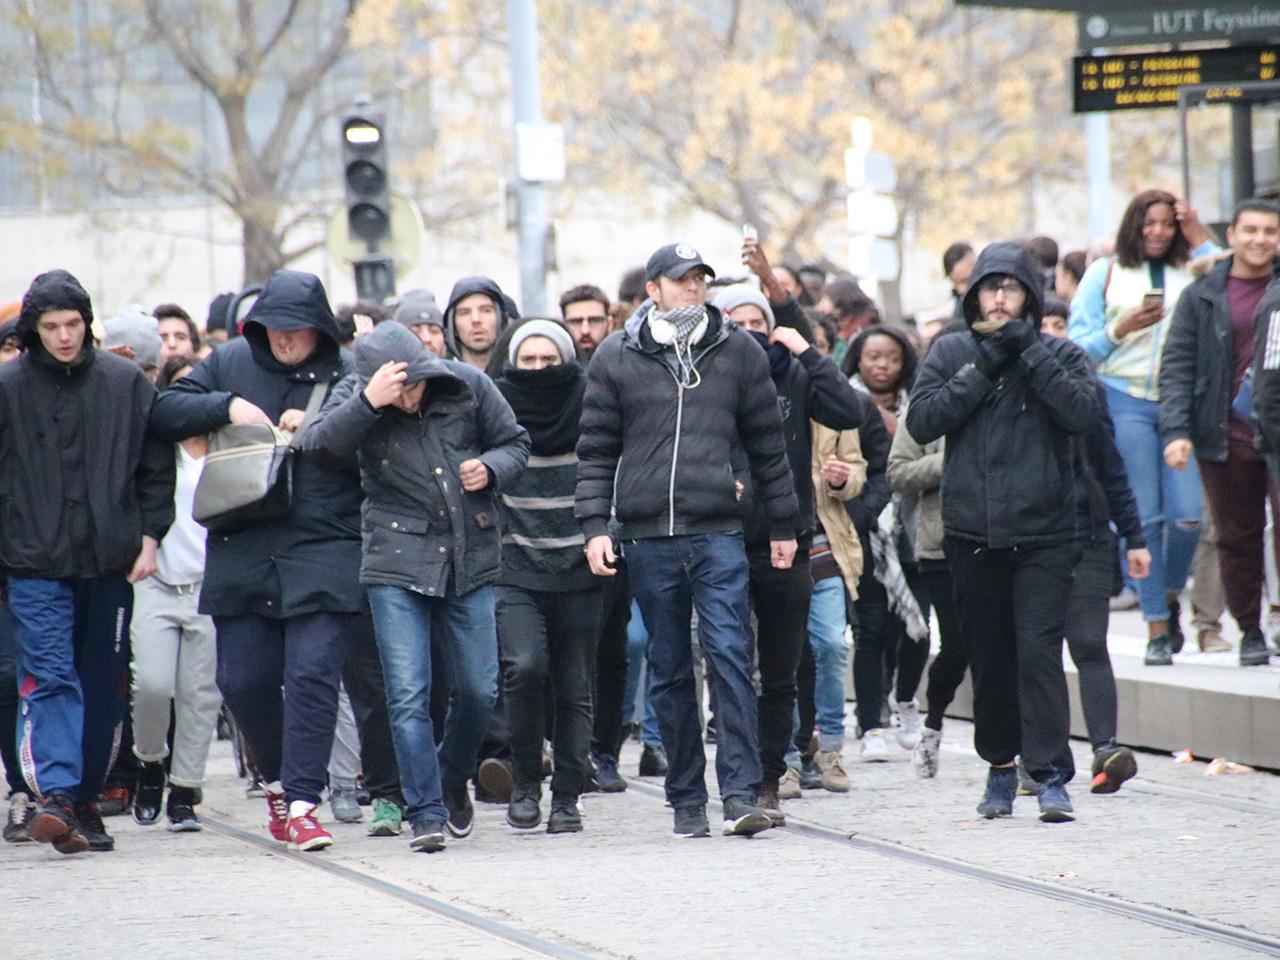 Plus d'une centaine de jeunes à Lyon ce samedi - LyonMag